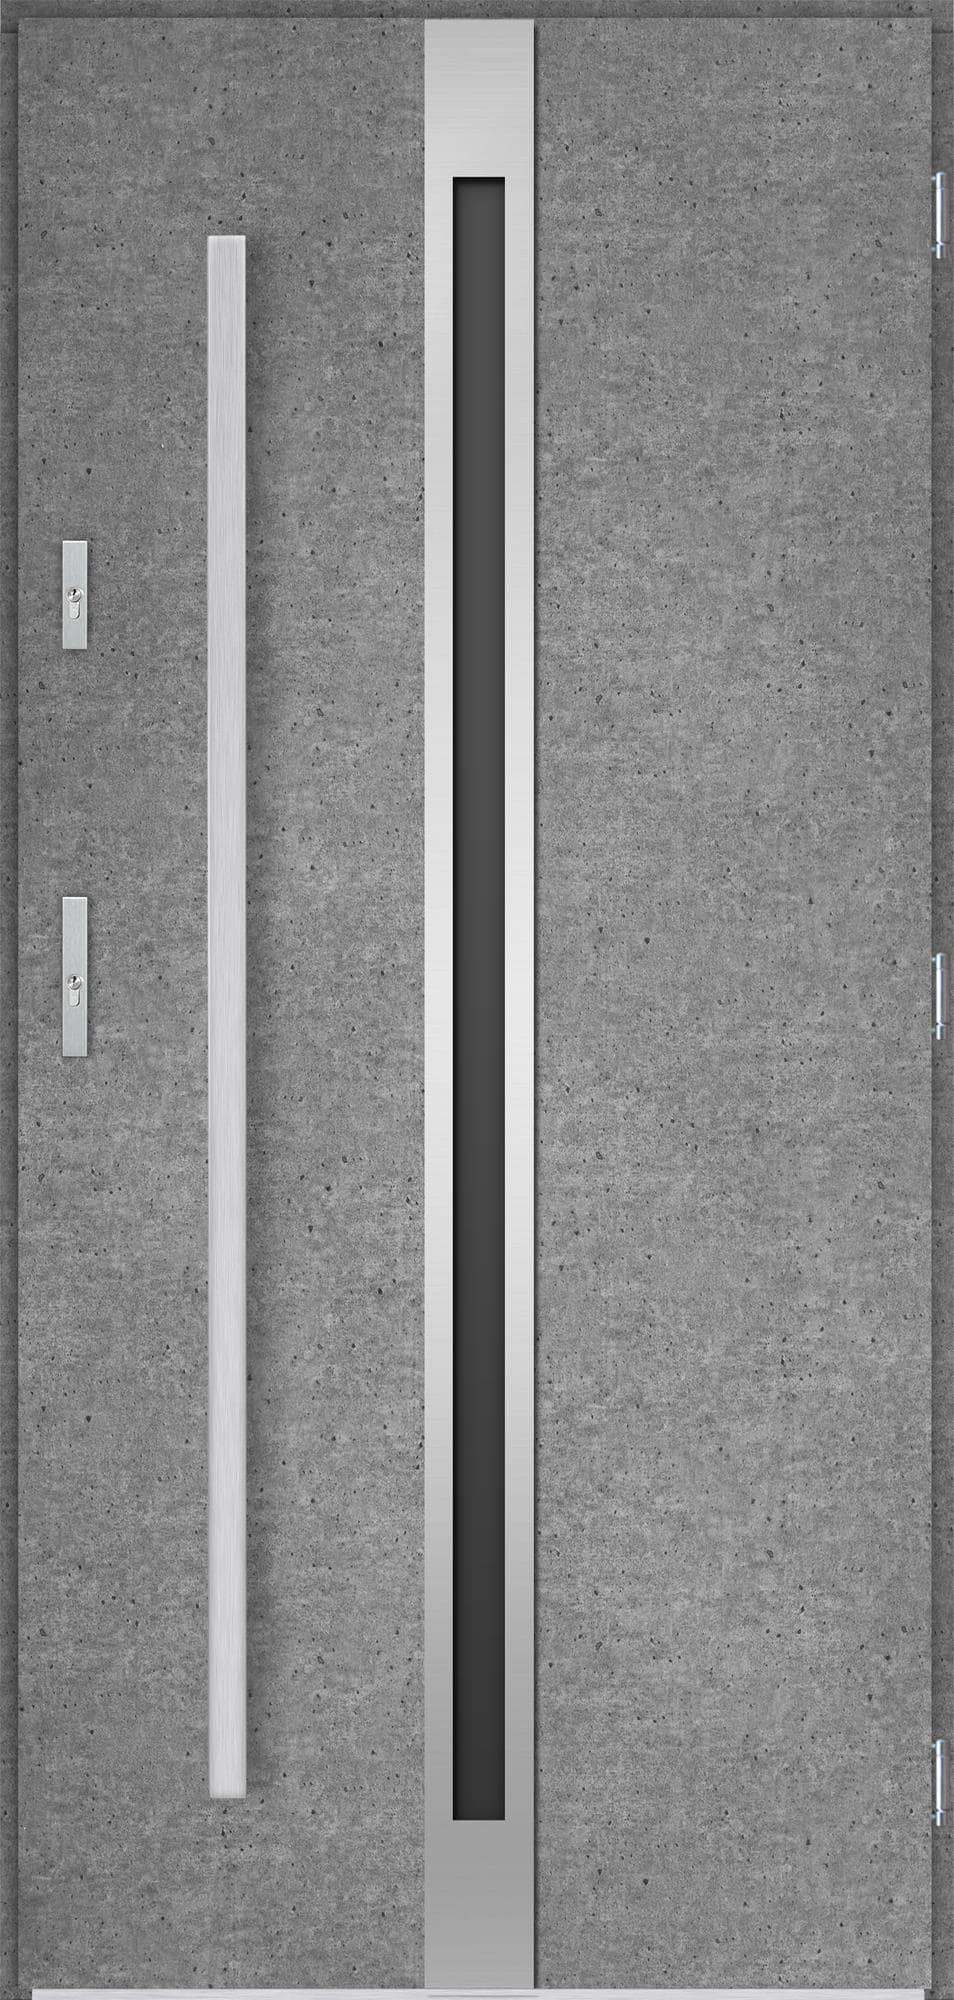 Venkovní vchodové dveøe Linea, beton